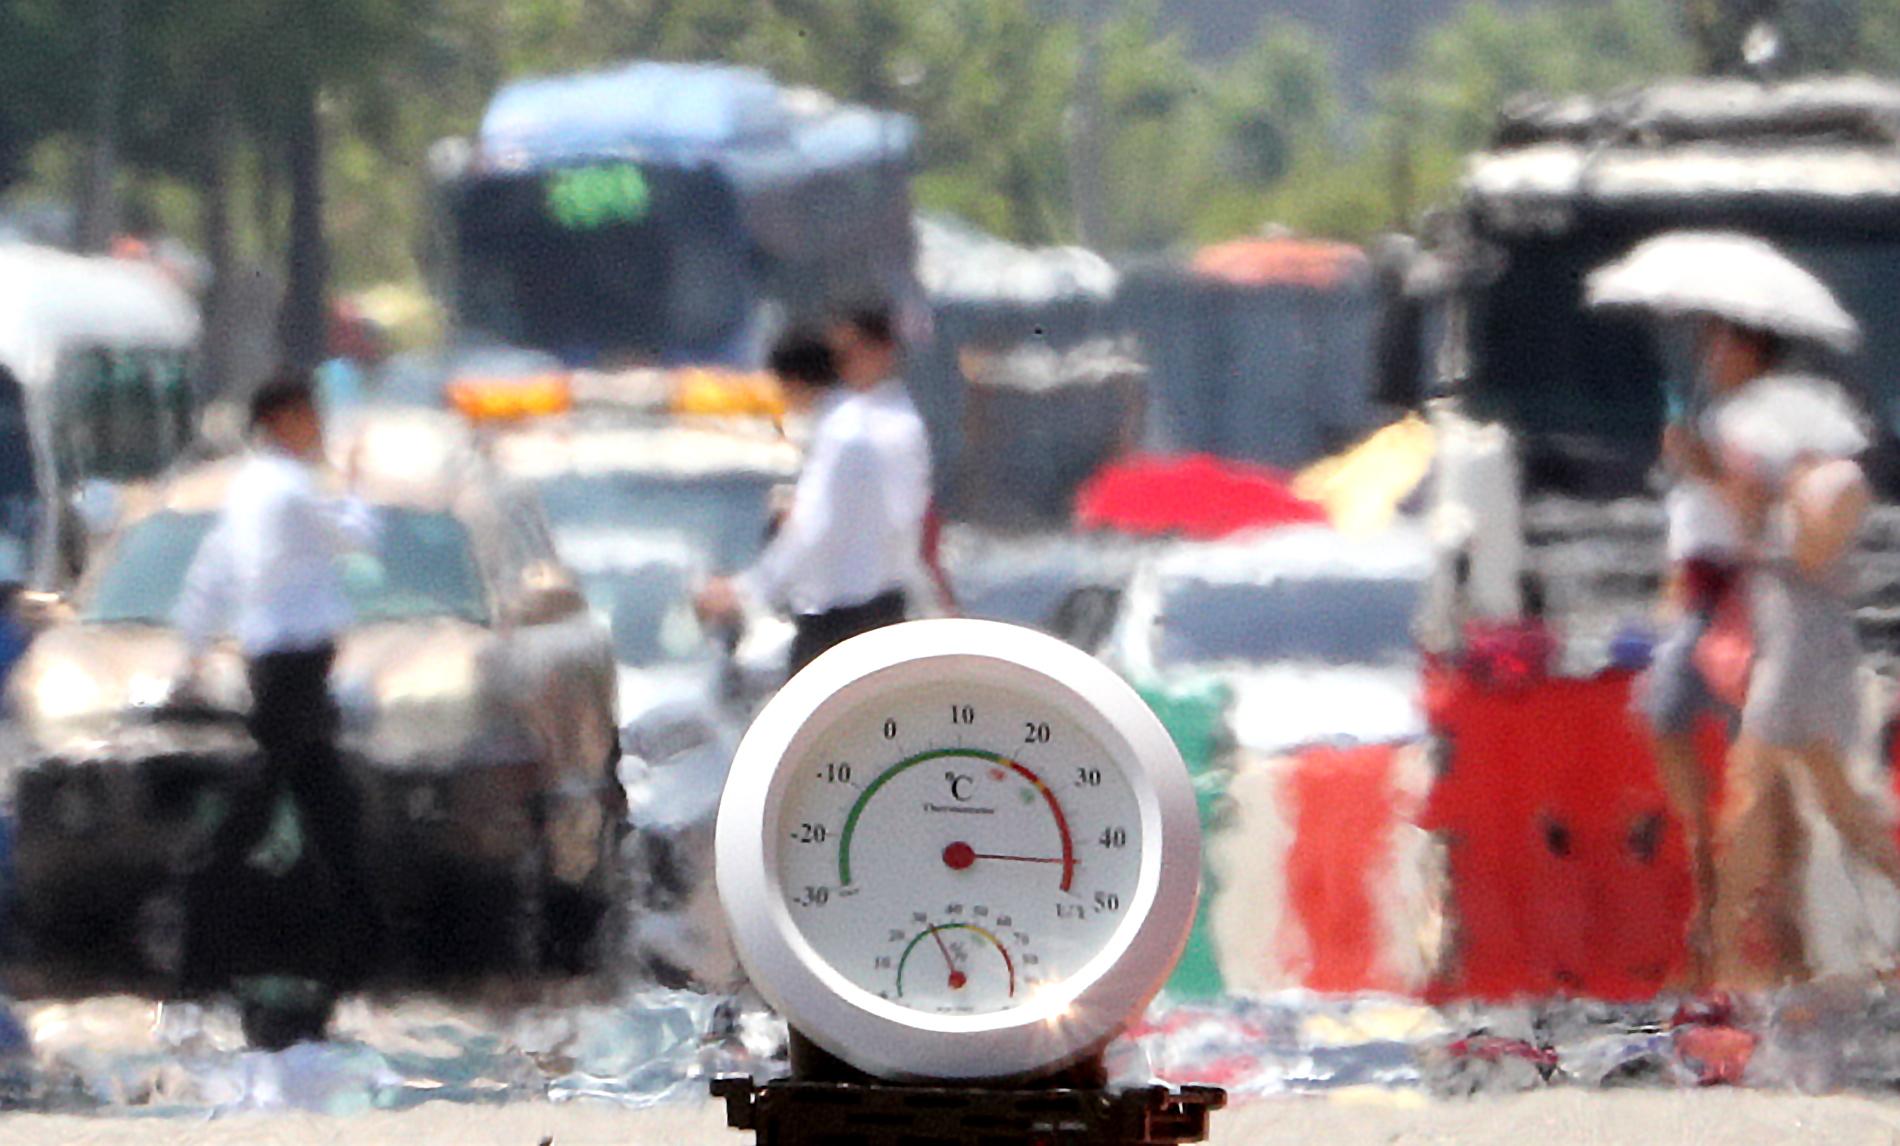 전국적인 폭염이 이어지는 1일 오후 서울 여의대로에 지열로 인한 아지랑이가 피어오르며 온도계가 40도를 가리키고 있다. [뉴스1]